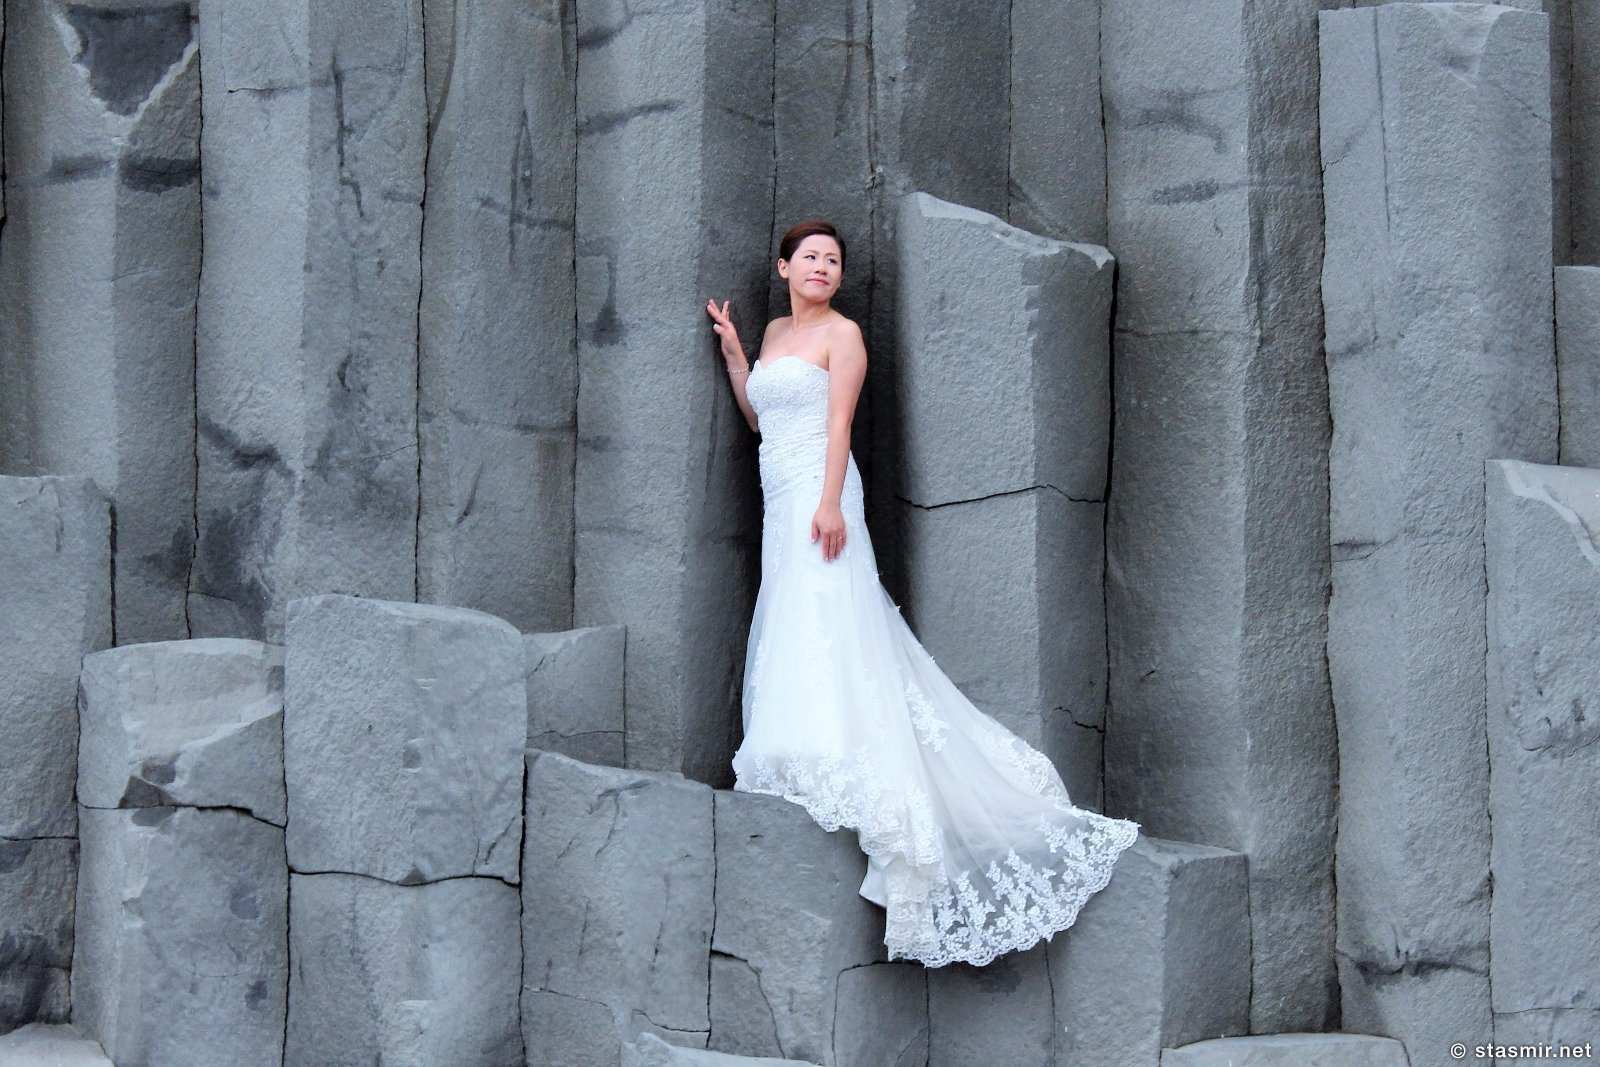 Китайская невеста на побережье Рейнисфьяр рядом с Виком в Южной Исландии, базальтовые колонны на черном пляже, фото Стасмир, Photo Stasmir